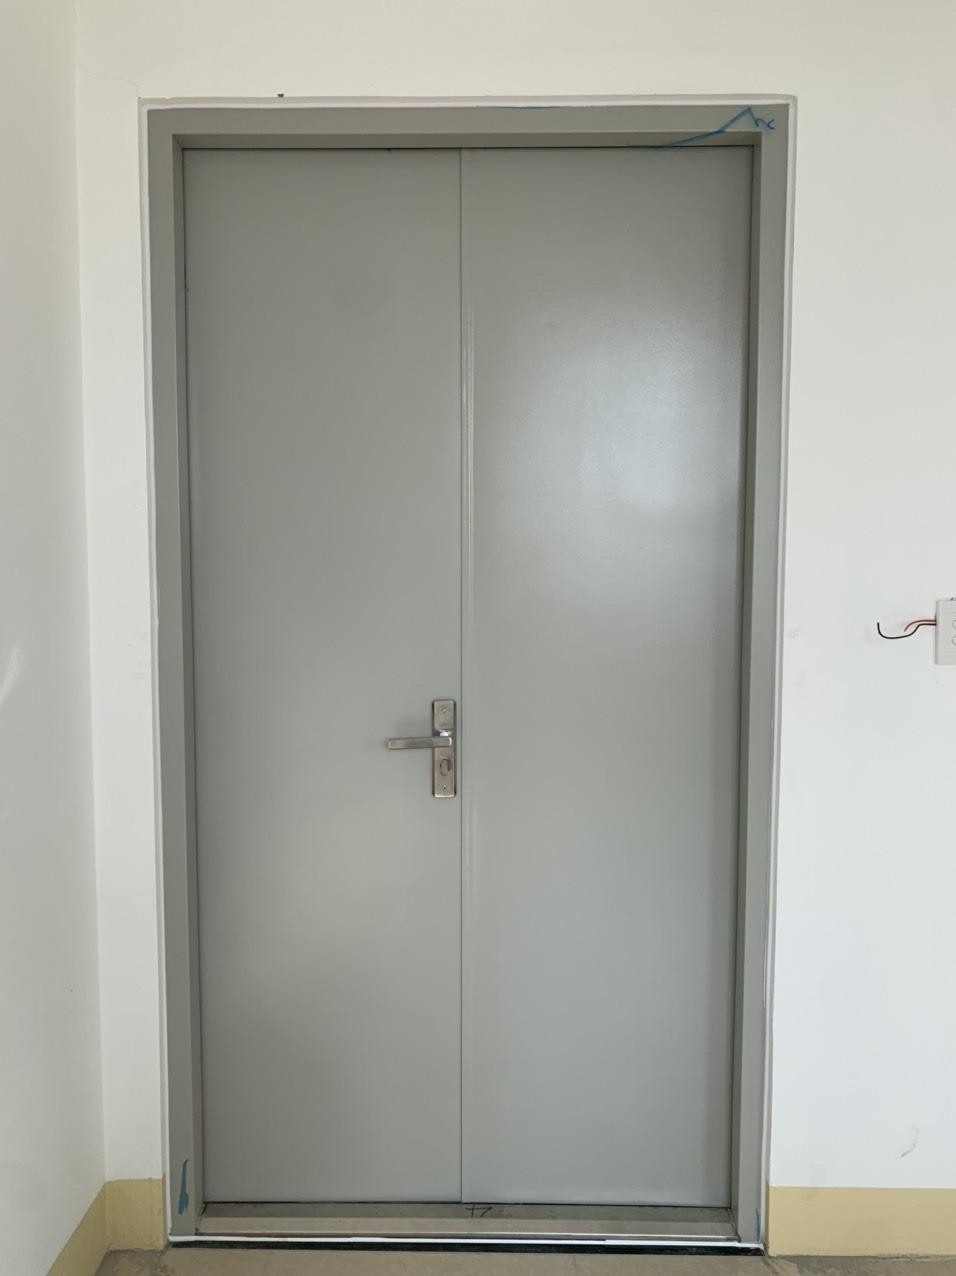 Thanh lý cửa chống cháy ở đâu Hà Nội giá tốt?